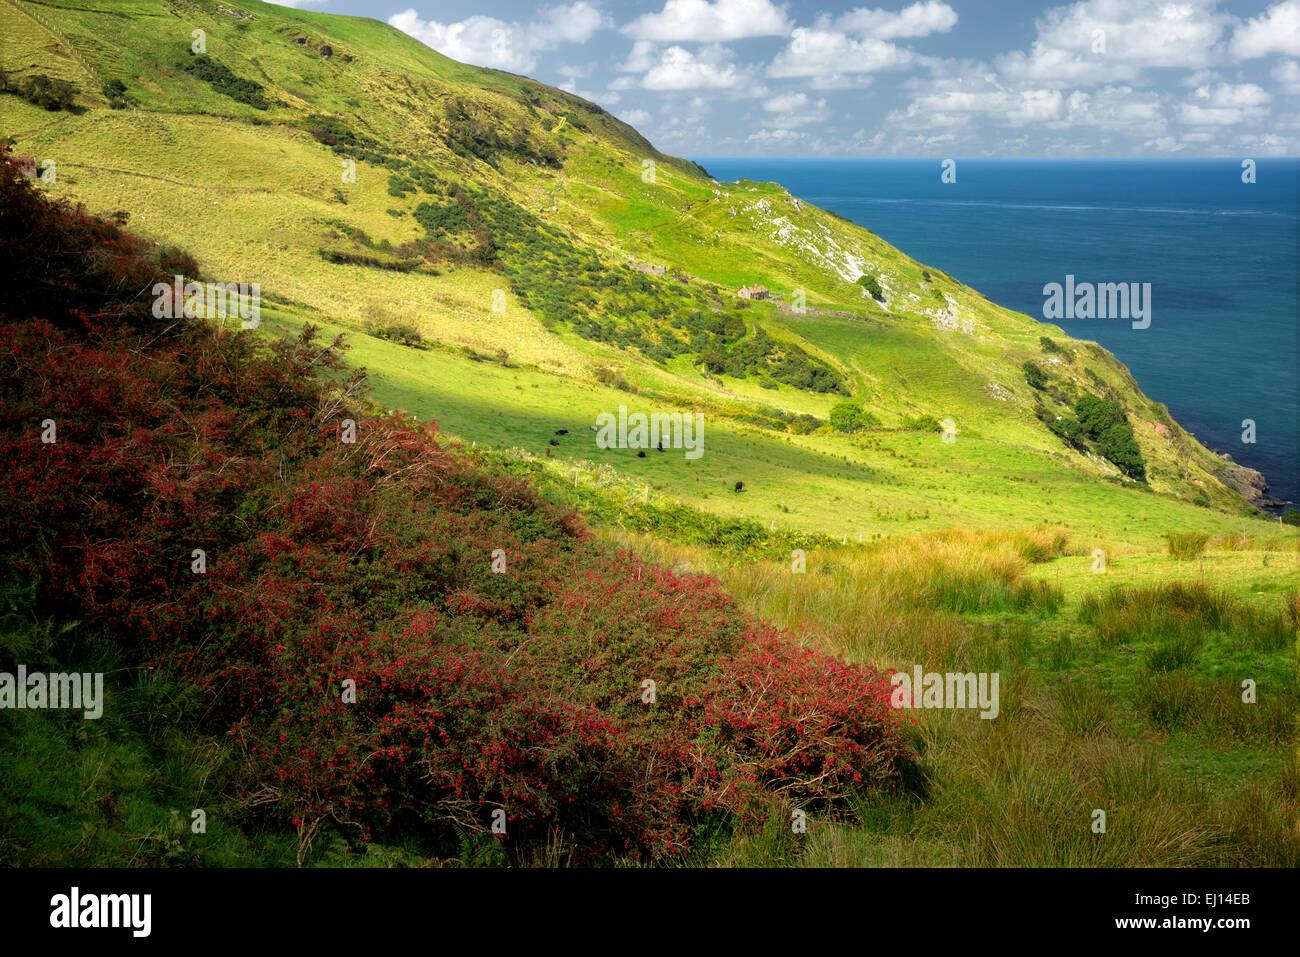 Fucsia de crecimiento silvestre. Torr Head. Irlanda del Norte. Imagen De Stock